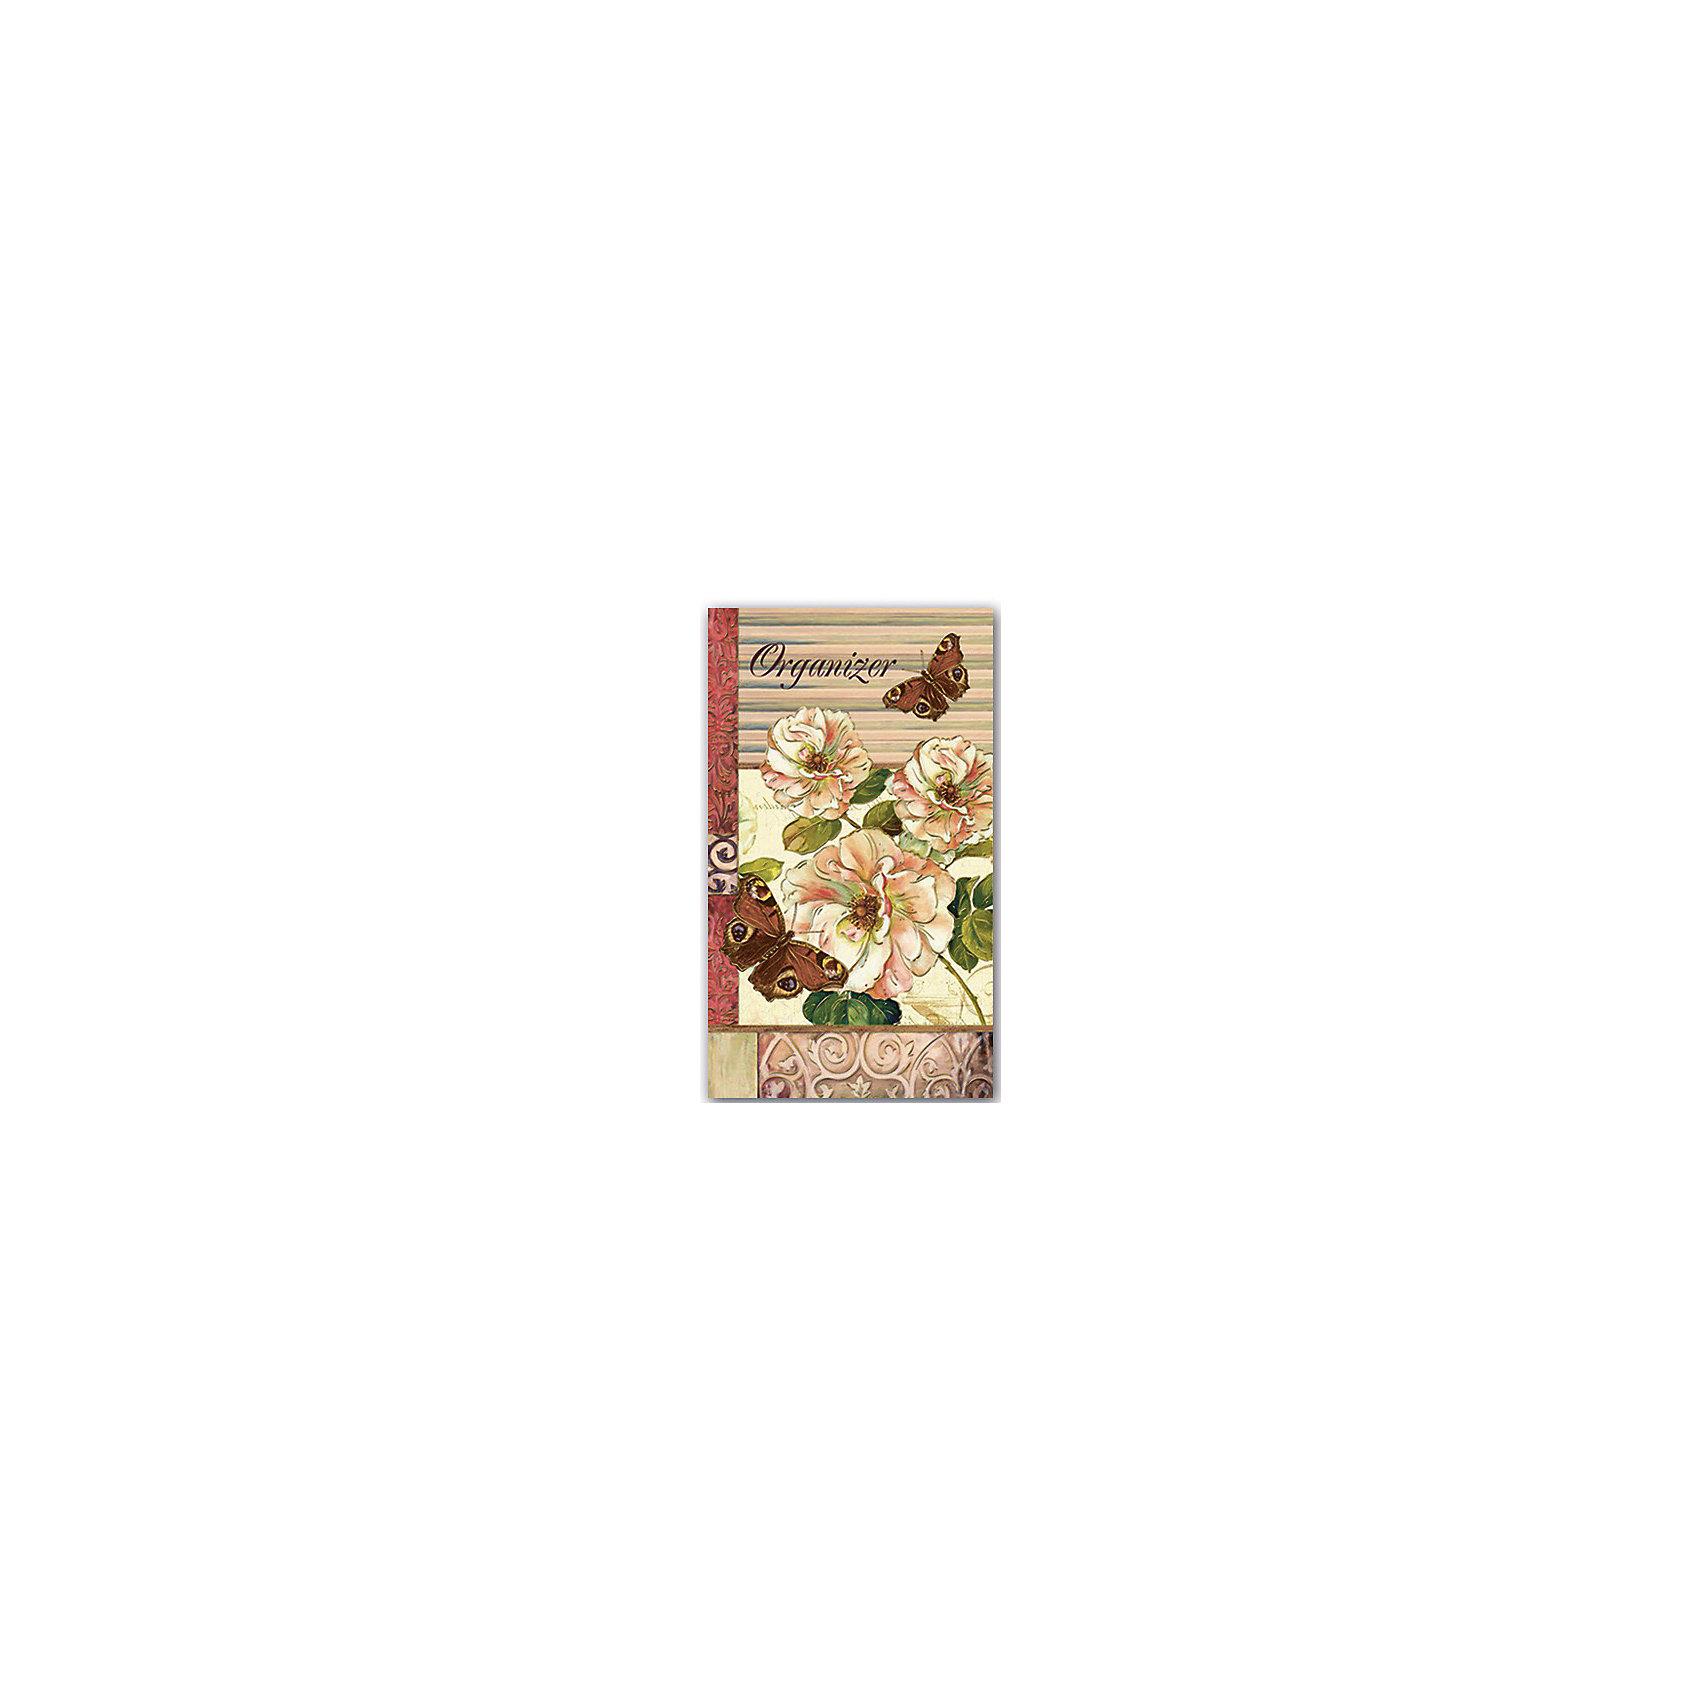 Органайзер трехблочный БабочкиБумажная продукция<br>Трехблочный органайзер включает в себя отрывной блок для заметок, блокнот на спирали с вырубкой по месяцам и адресную книгу - все, что нужно для удобной и практичной организации своих записей! Плотная обложка с магнитным клапаном декорирована оригинальным рисунком и тиснением золотой фольгой. <br>Отличный вариант для подарка на любой праздник! <br><br>Дополнительная информация:<br><br>- Обложка: твердая, 7БЦ, глянцевая пленка, тиснение золотой фольгой.<br>- Размер в собранном виде: 9,5х16 см.<br>- Размер в развернутом виде: 32х16 см. <br>- Отрывной блок для заметок: 30 листов.<br>- Планинг на евроспирали с вырубкой по месяцам: 60 листов.<br>- Адресная книга с алфавитной вырубкой на евроспирали: 28 листов.<br><br>Органайзер трехблочный Бабочки можно купить в нашем магазине.<br><br>Ширина мм: 160<br>Глубина мм: 100<br>Высота мм: 20<br>Вес г: 240<br>Возраст от месяцев: 48<br>Возраст до месяцев: 2147483647<br>Пол: Женский<br>Возраст: Детский<br>SKU: 4756044